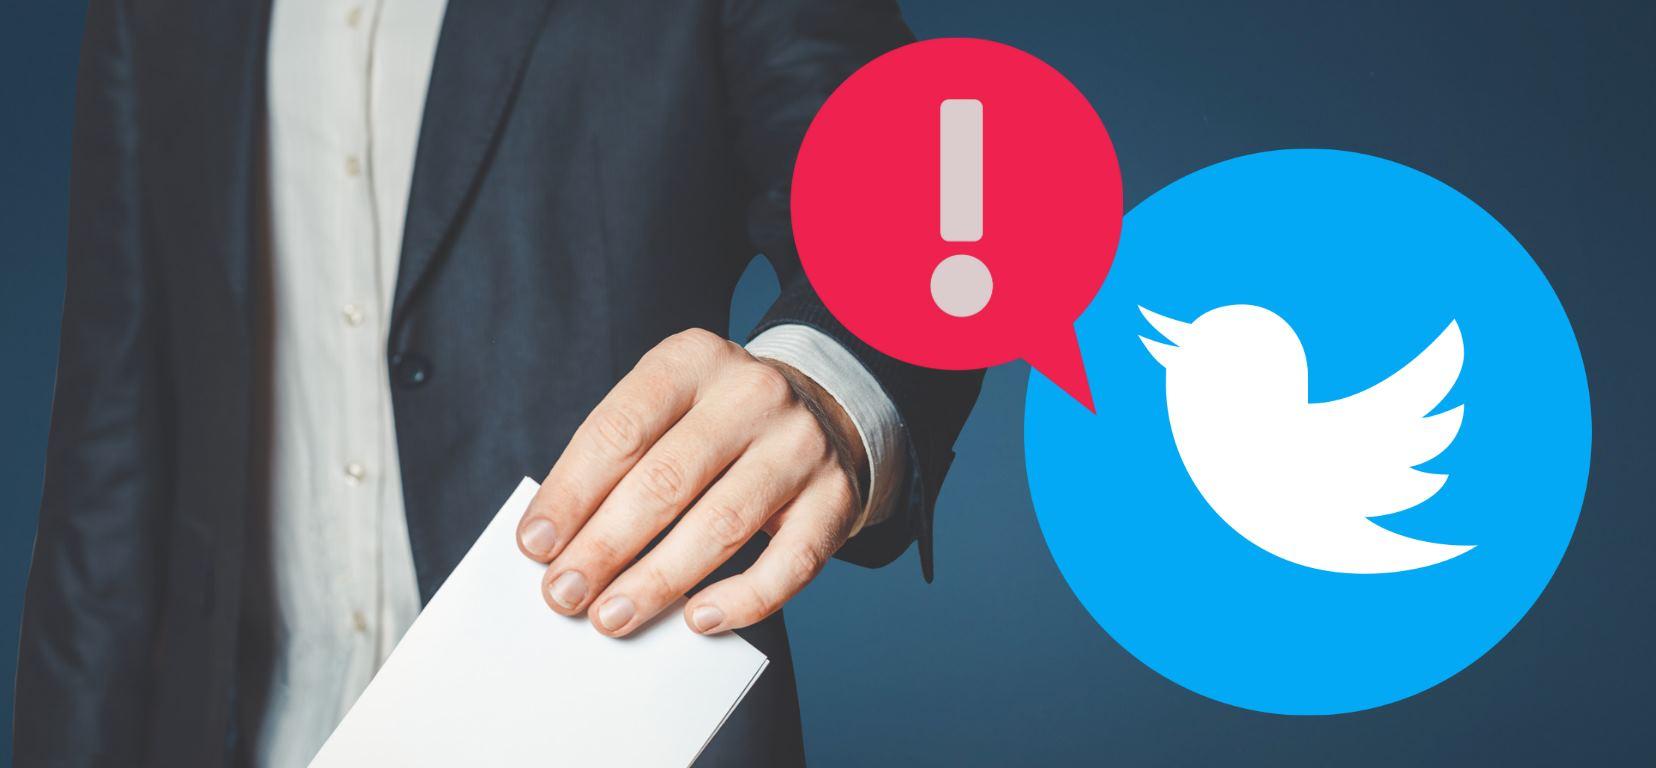 Twitter no servirá para publicar estadísticas falsas de votos